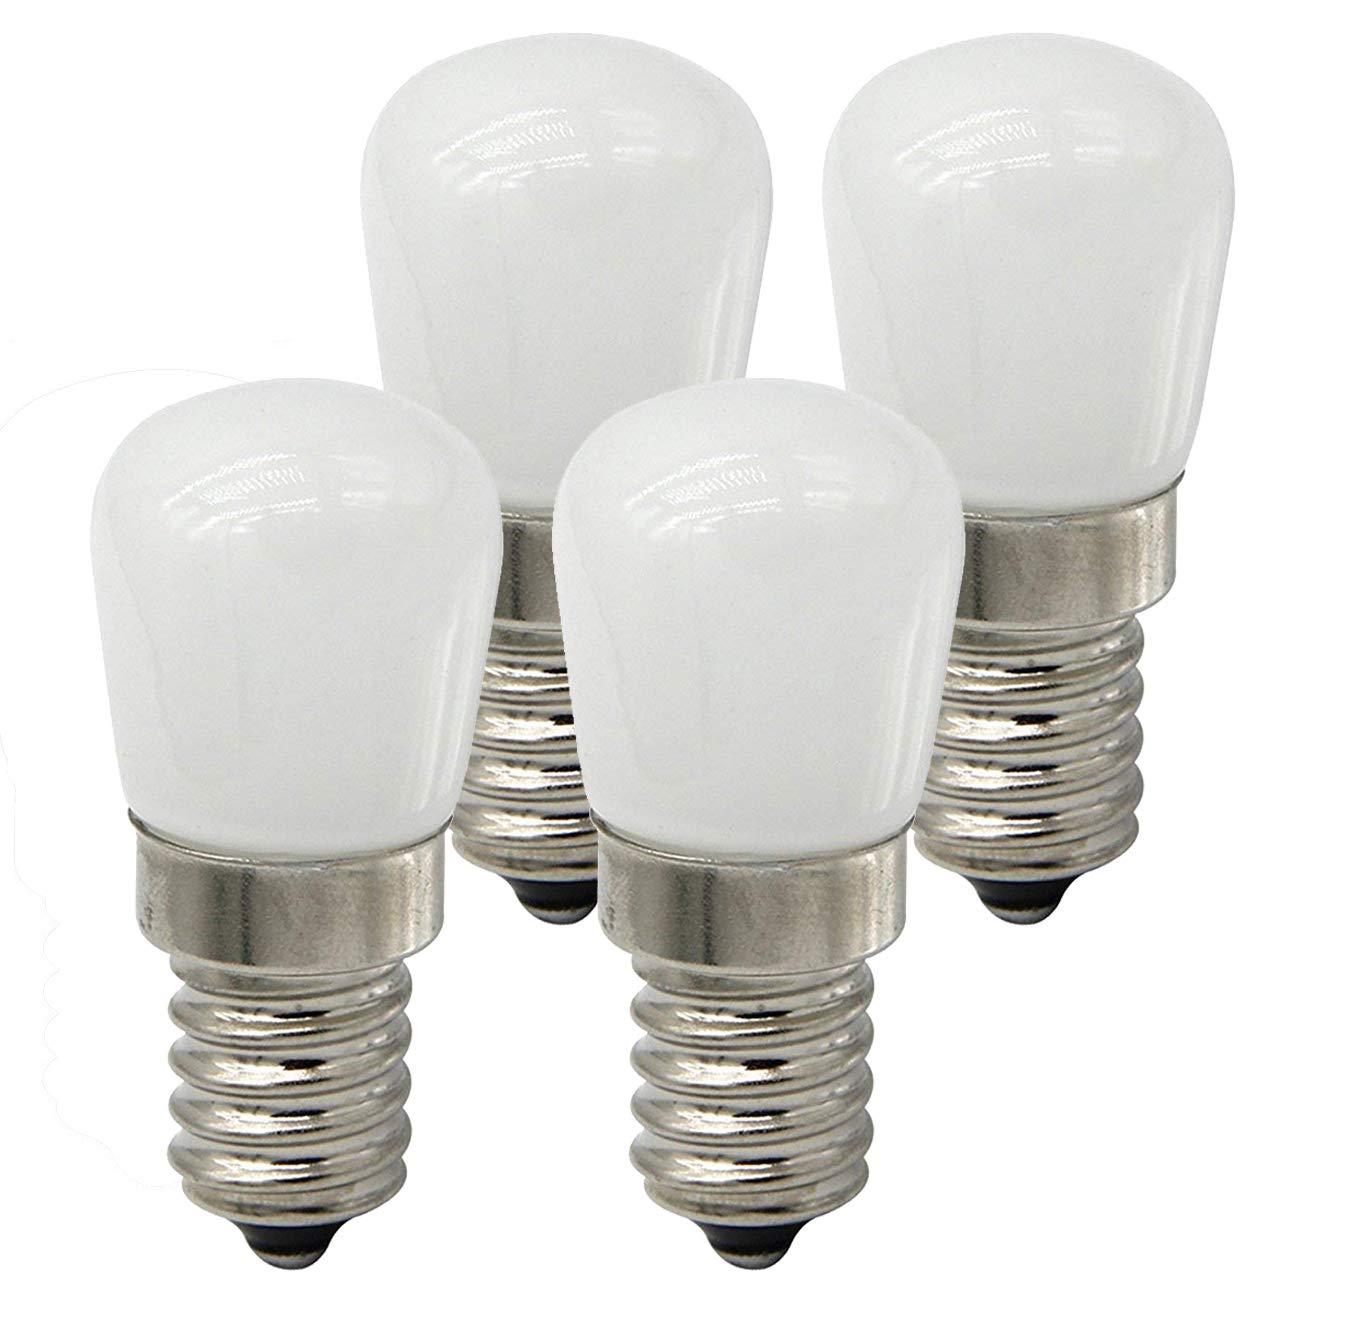 CTKcom 2W LED Refrigerator Bulb,European LED Bulbs(4 Pack)- E14 LED Refrigerator Light Bulb 15W Equivalent Daylight White 6000K 110V Lamp for Freezer Oven Microwave Lighting,Home Lighting,4 Pack